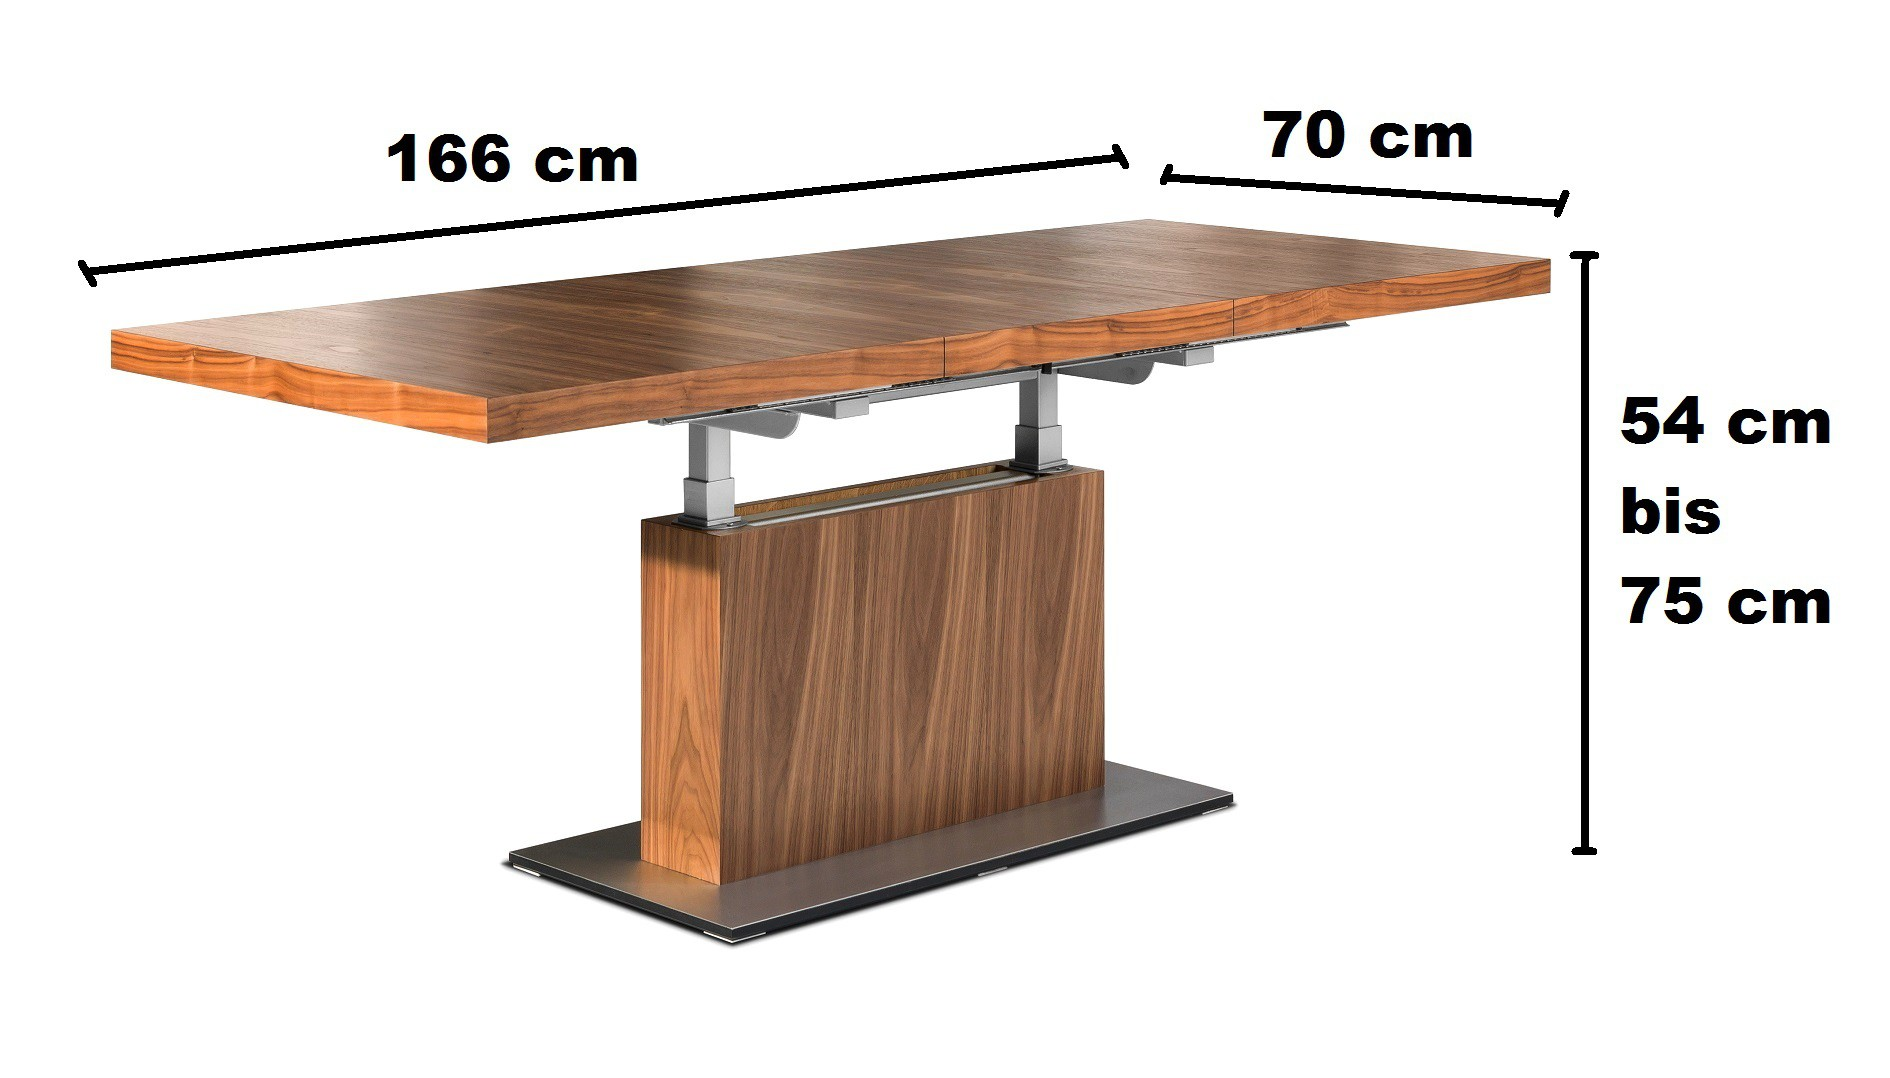 Design couchtisch tisch mn 7 walnuss nussbaum for Design tisch nussbaum